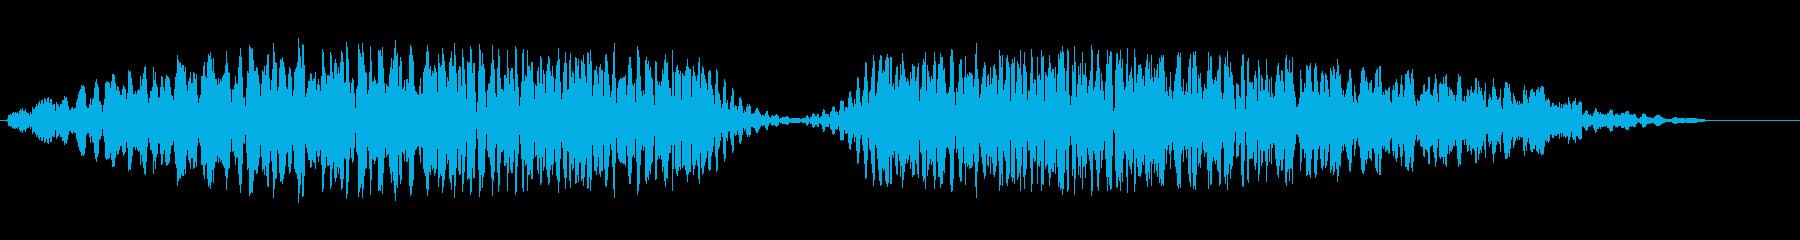 ドュルルードュルル(不思議なビームの音)の再生済みの波形